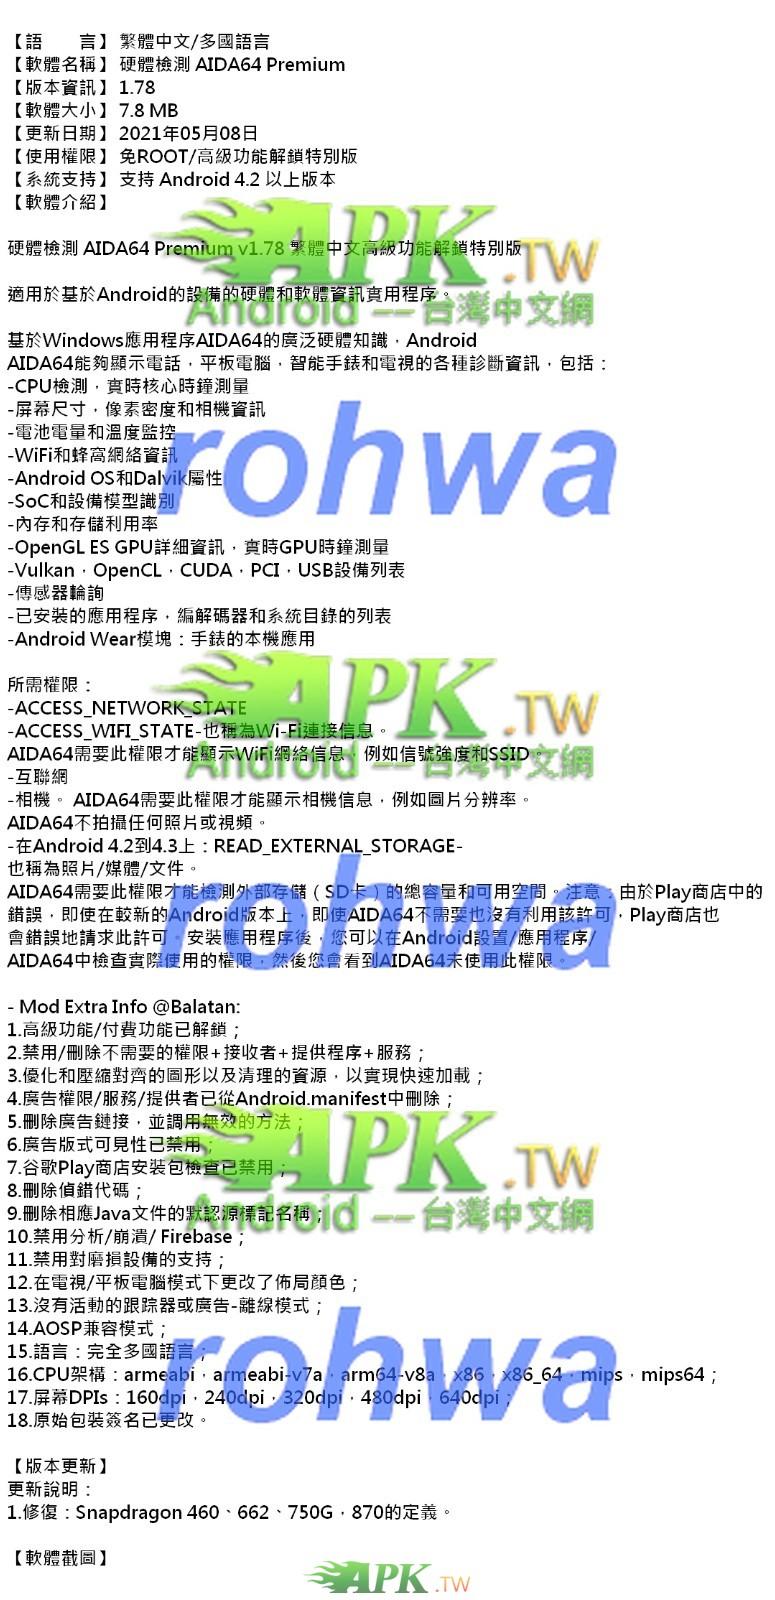 AIDA64_Premium_1.78_.jpg